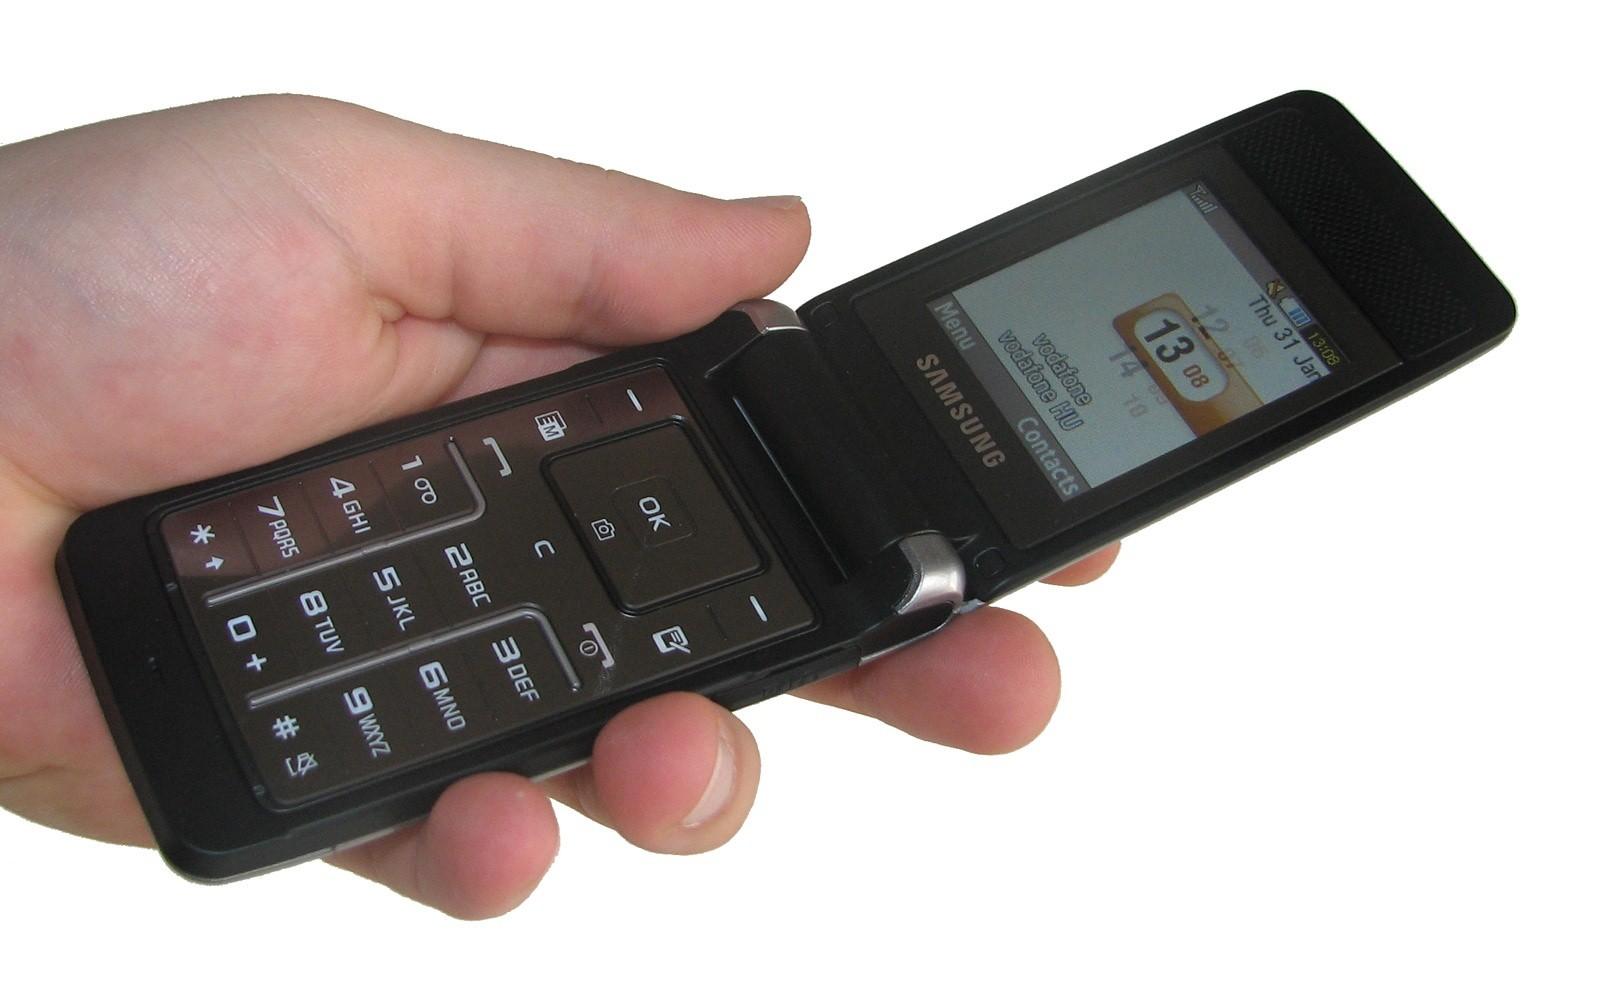 Samsung s3600i инструкция скачать